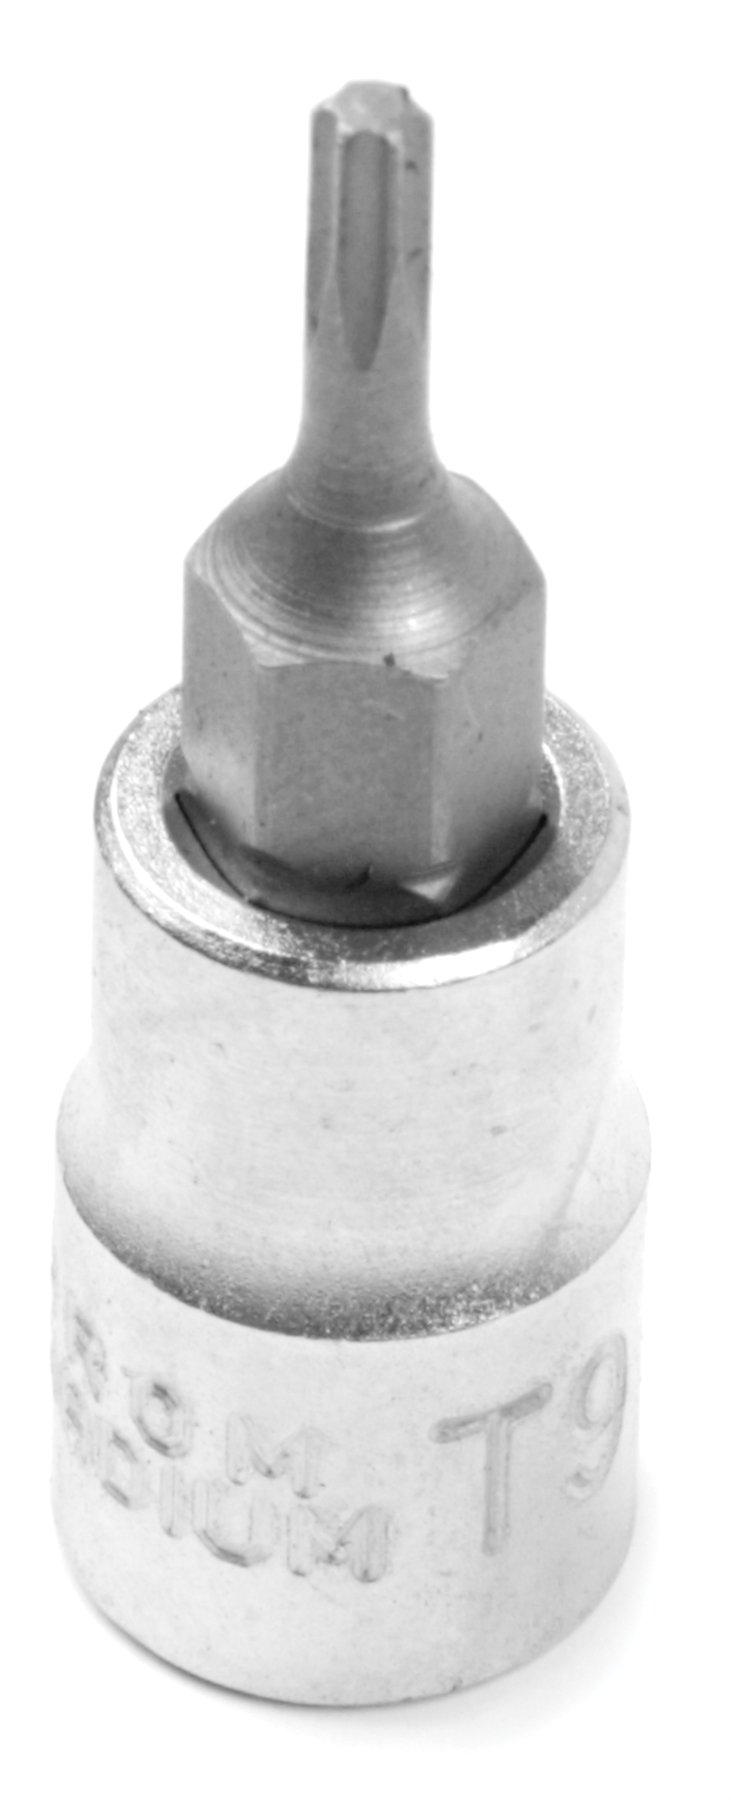 Performance Tool W1307 1/4'' Dr Star Bit T-9 Socket (CrV)